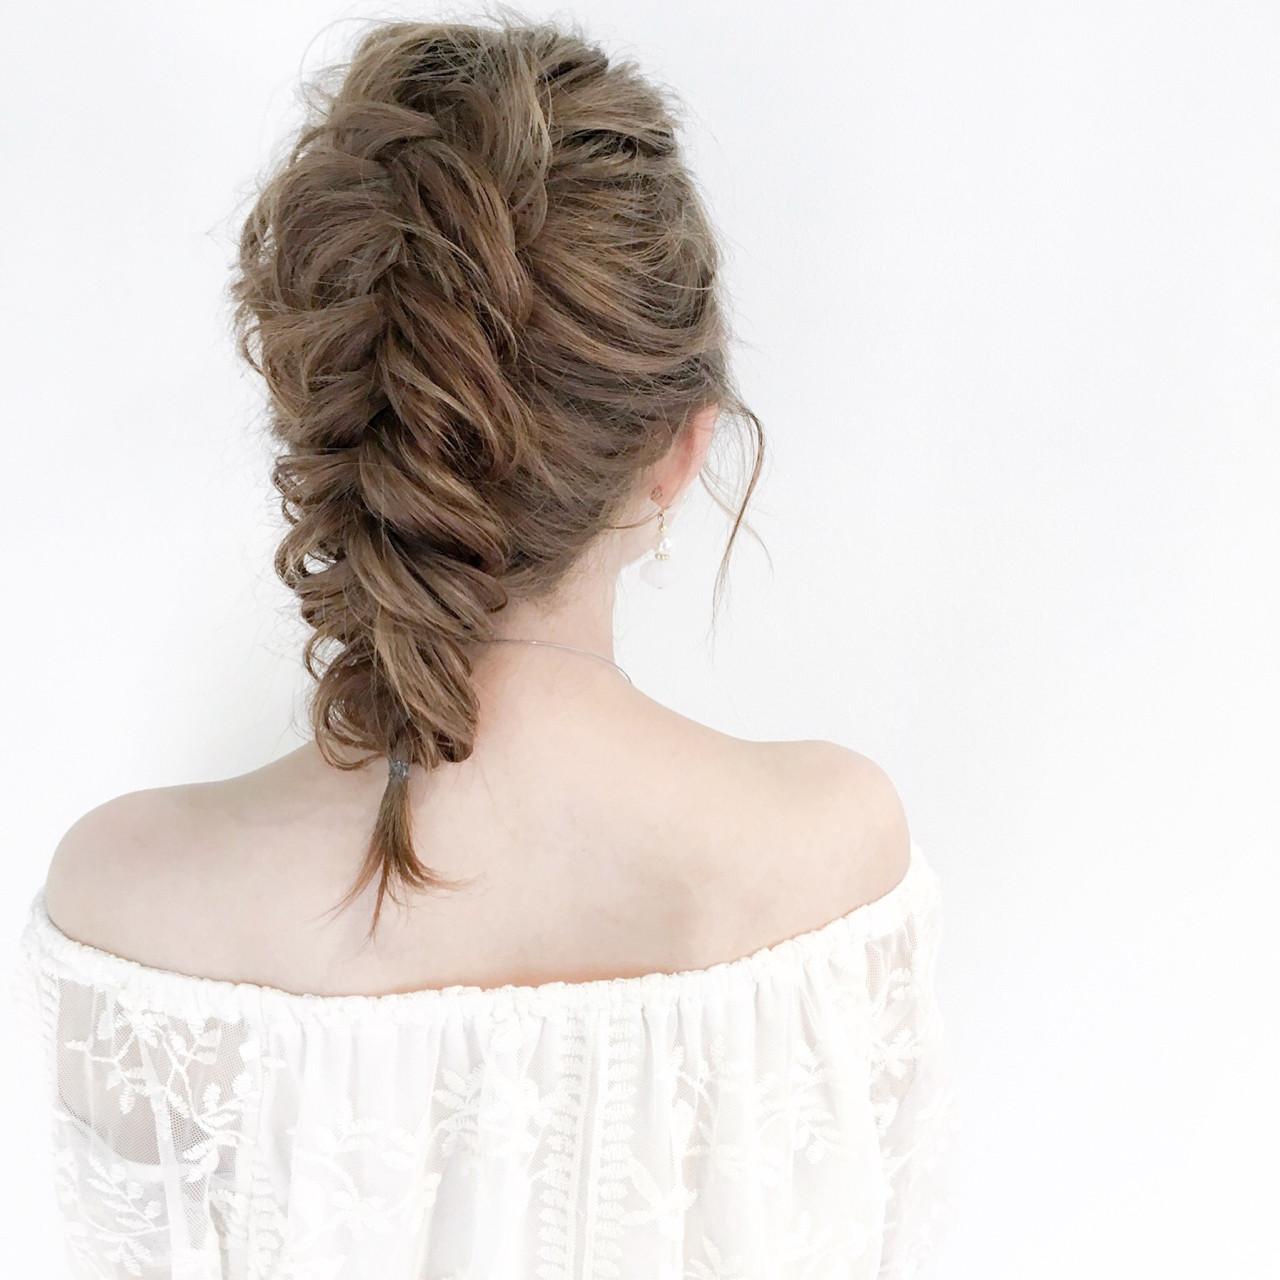 エレガント 上品 セミロング 編み込み ヘアスタイルや髪型の写真・画像